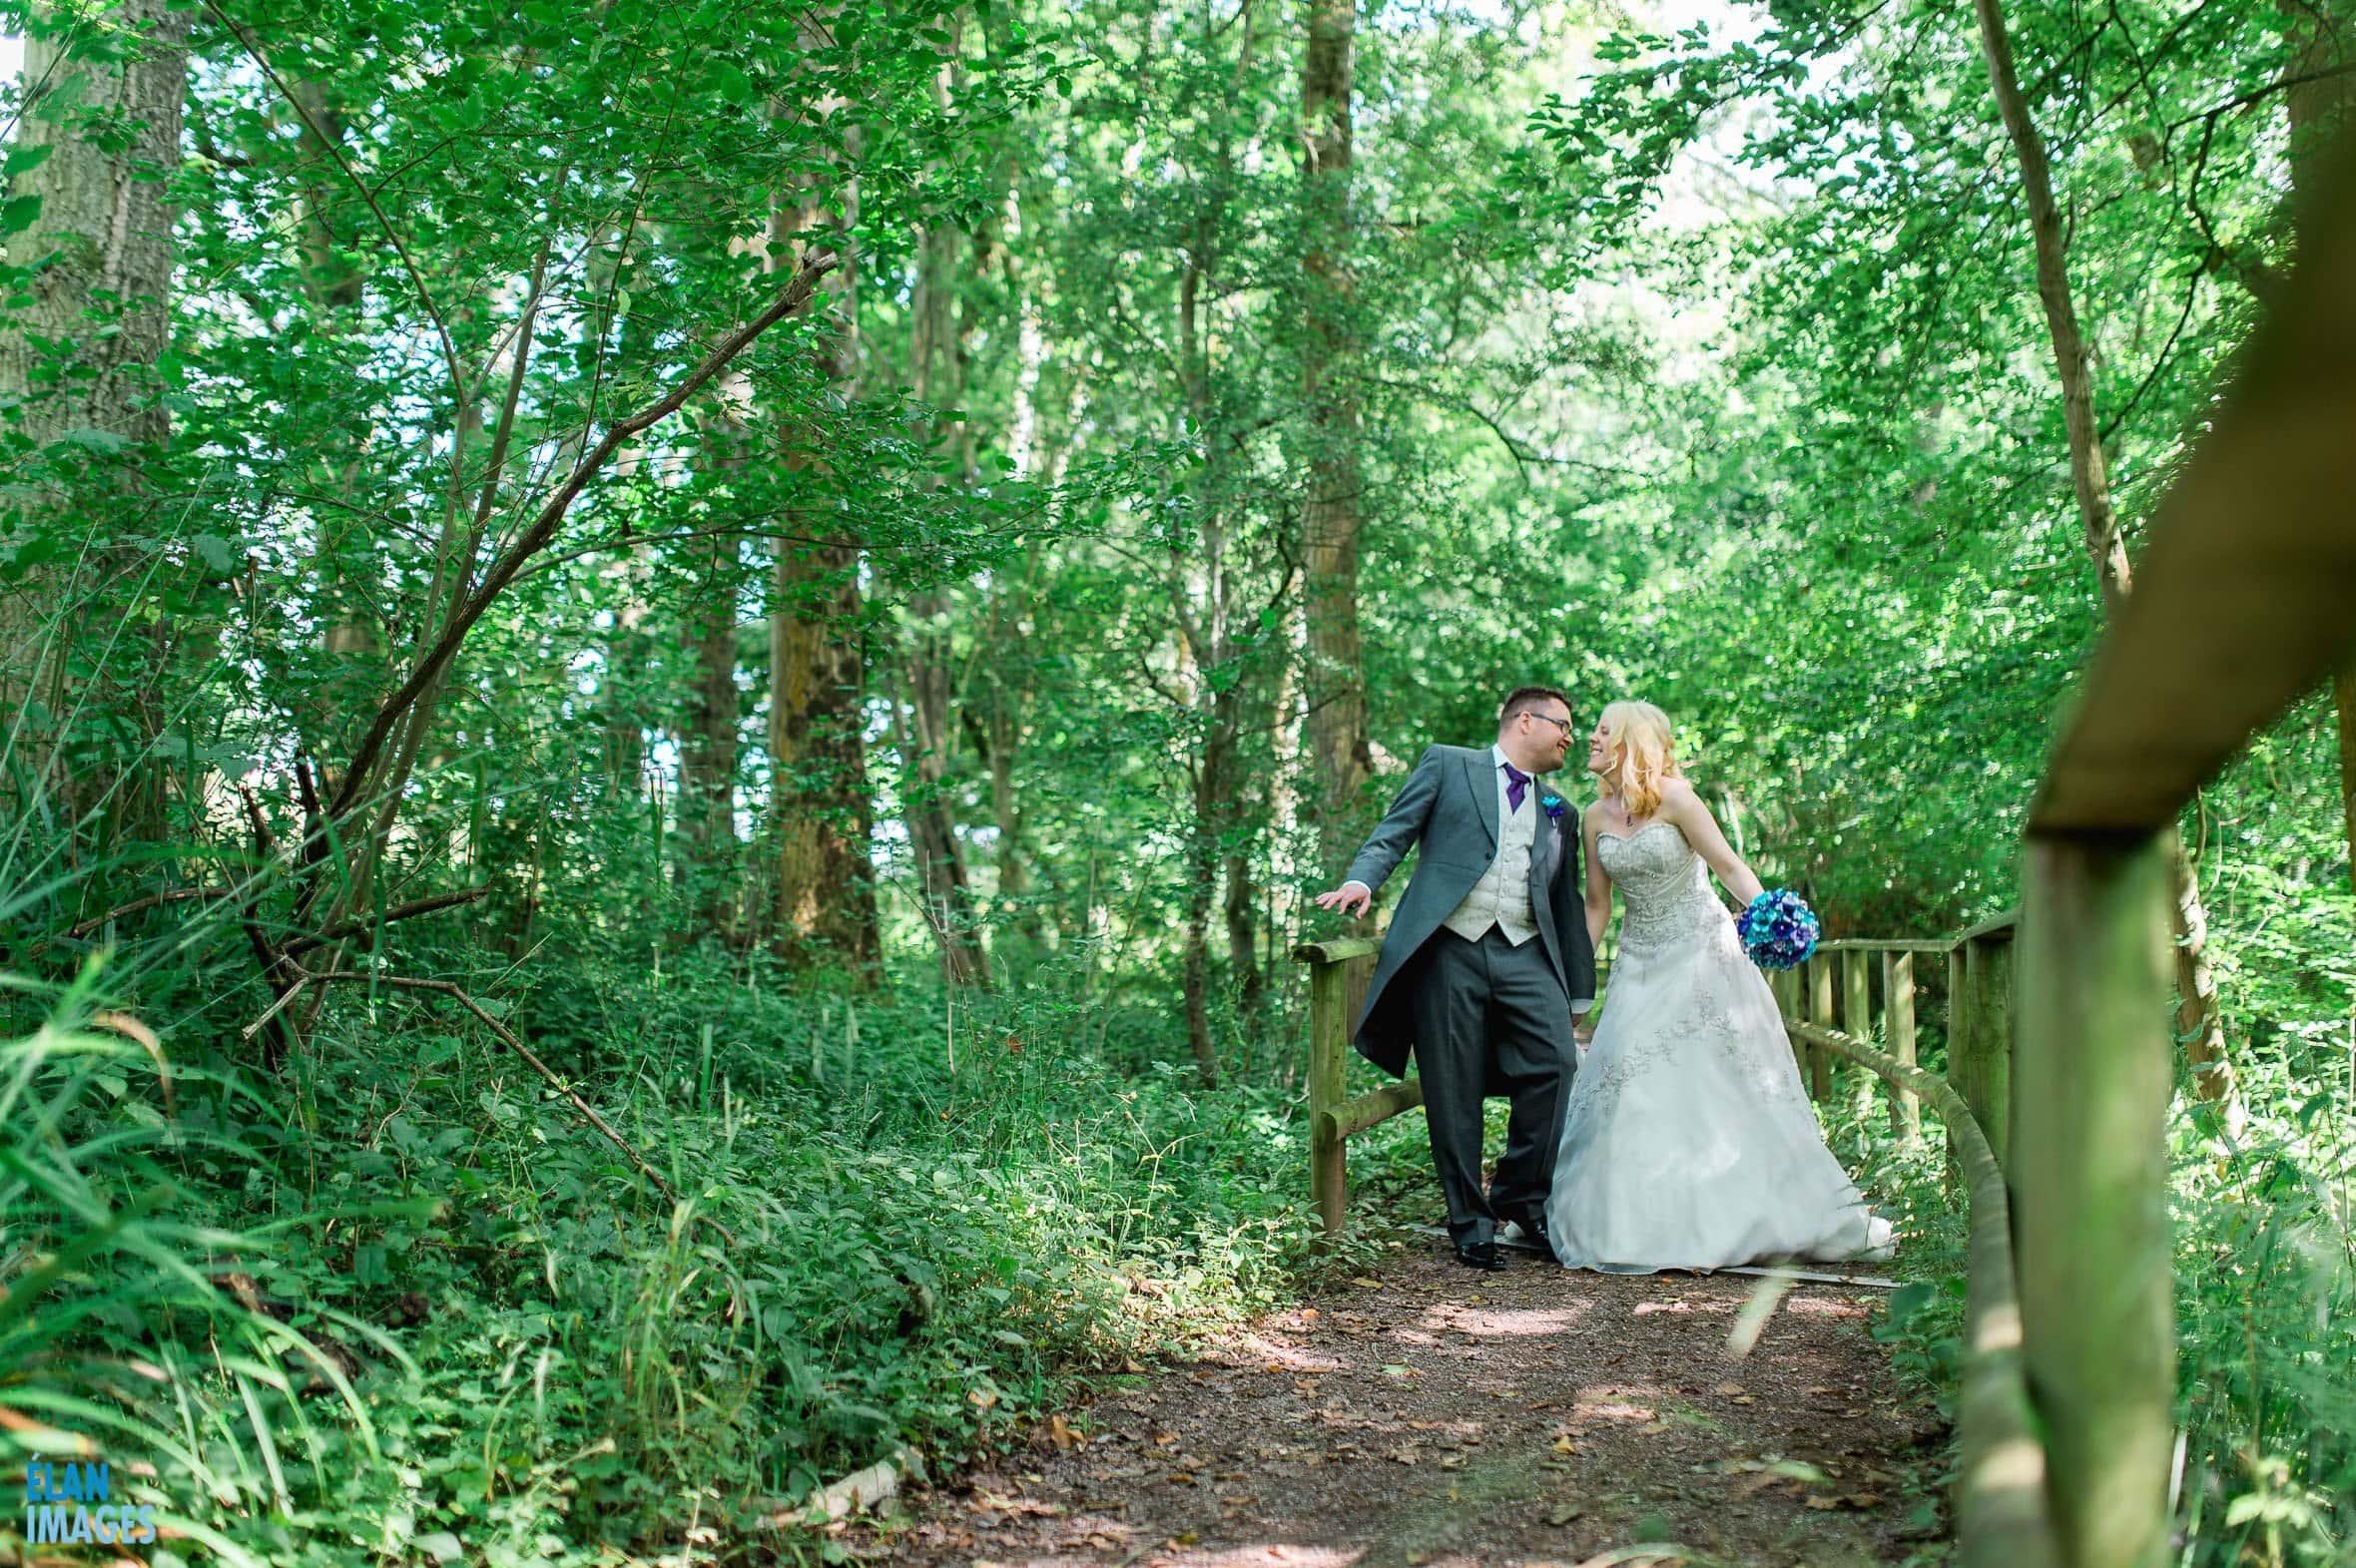 Summer Wedding at the Folly Farm Centre, Pensford 53